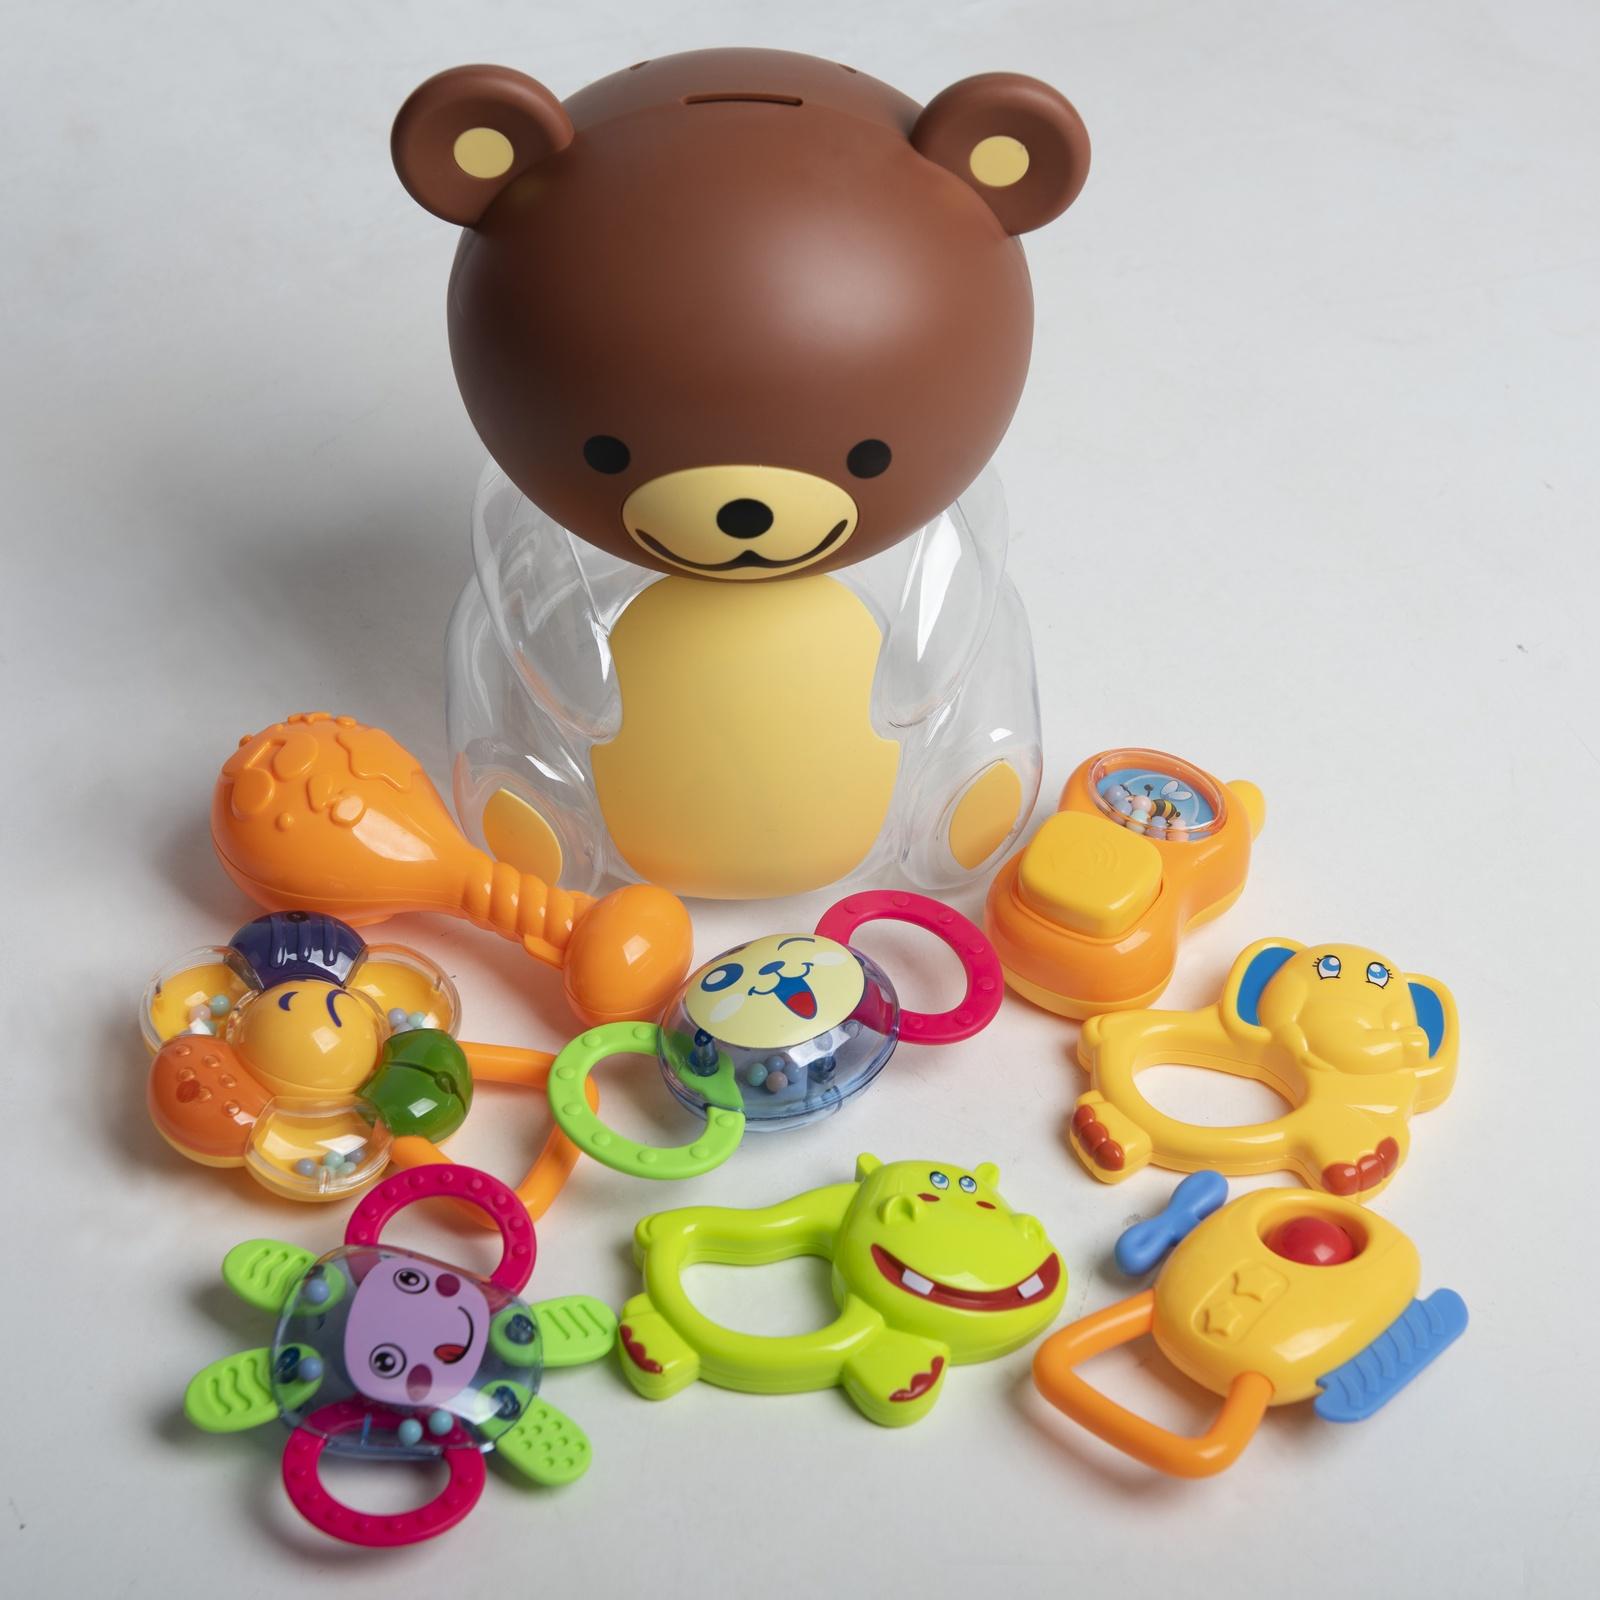 """Прорезыватель Huanger """"Медведь"""" голубой, желтый, зеленый, коричневый, красный, оранжевый, прозрачный, розовый, светло-зеленый, синий"""